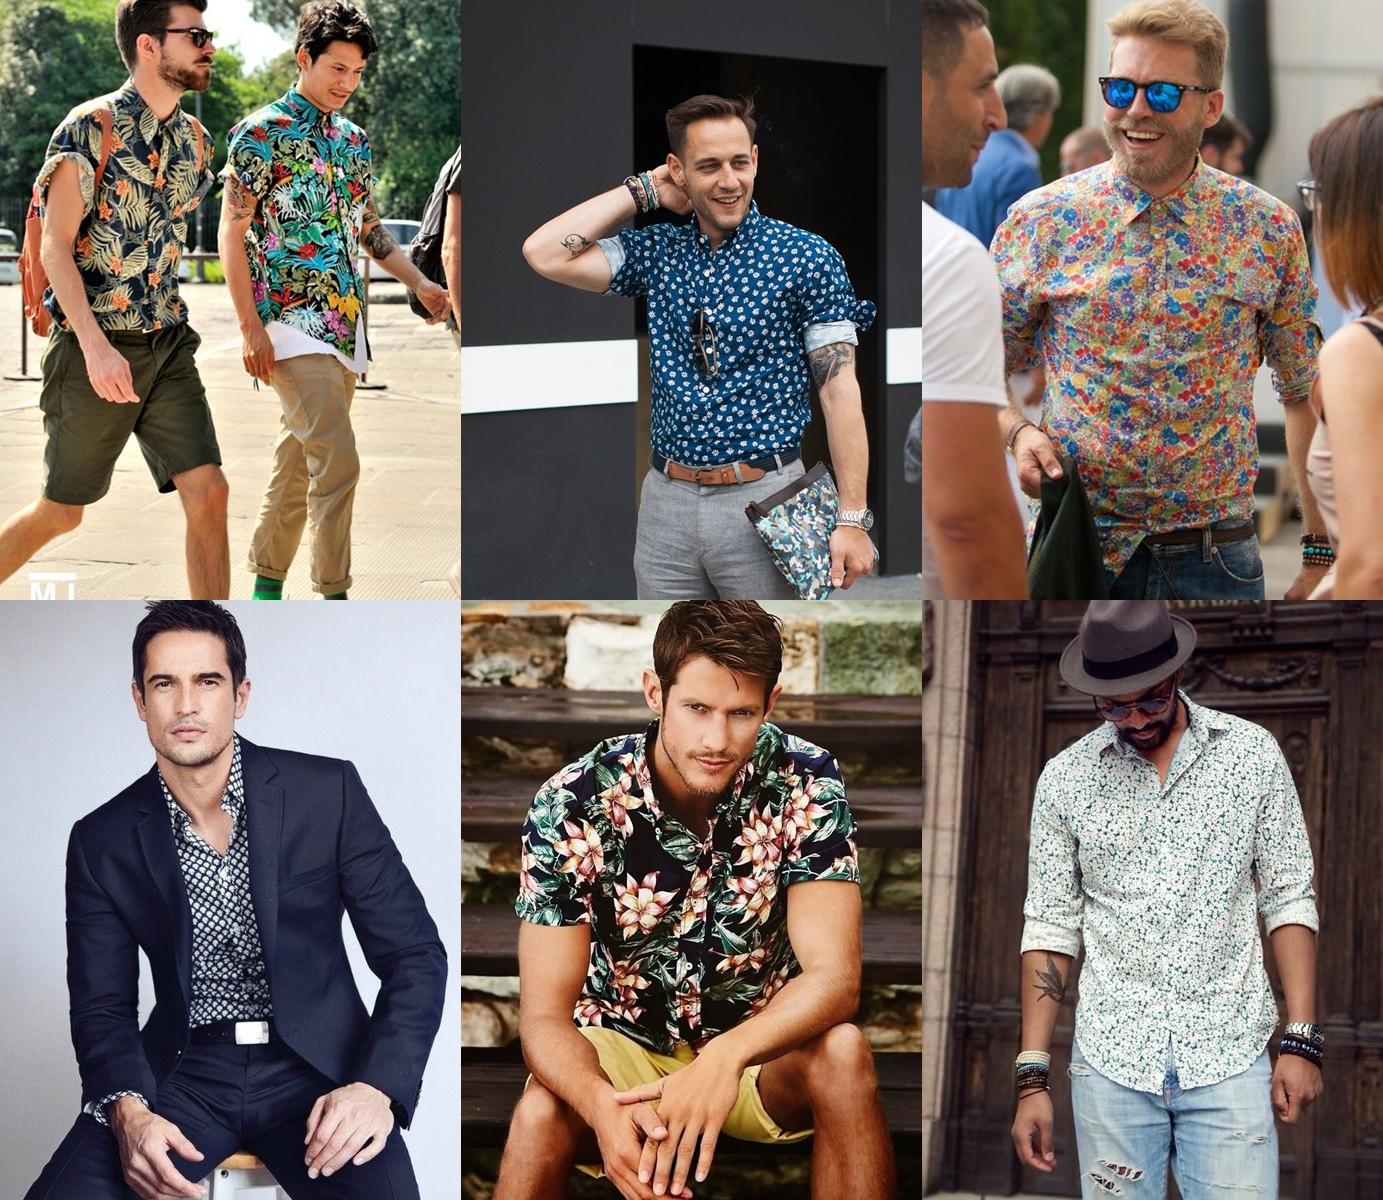 Camisas estampadas para homens - MODA SEM CENSURA  6339c6c10576b